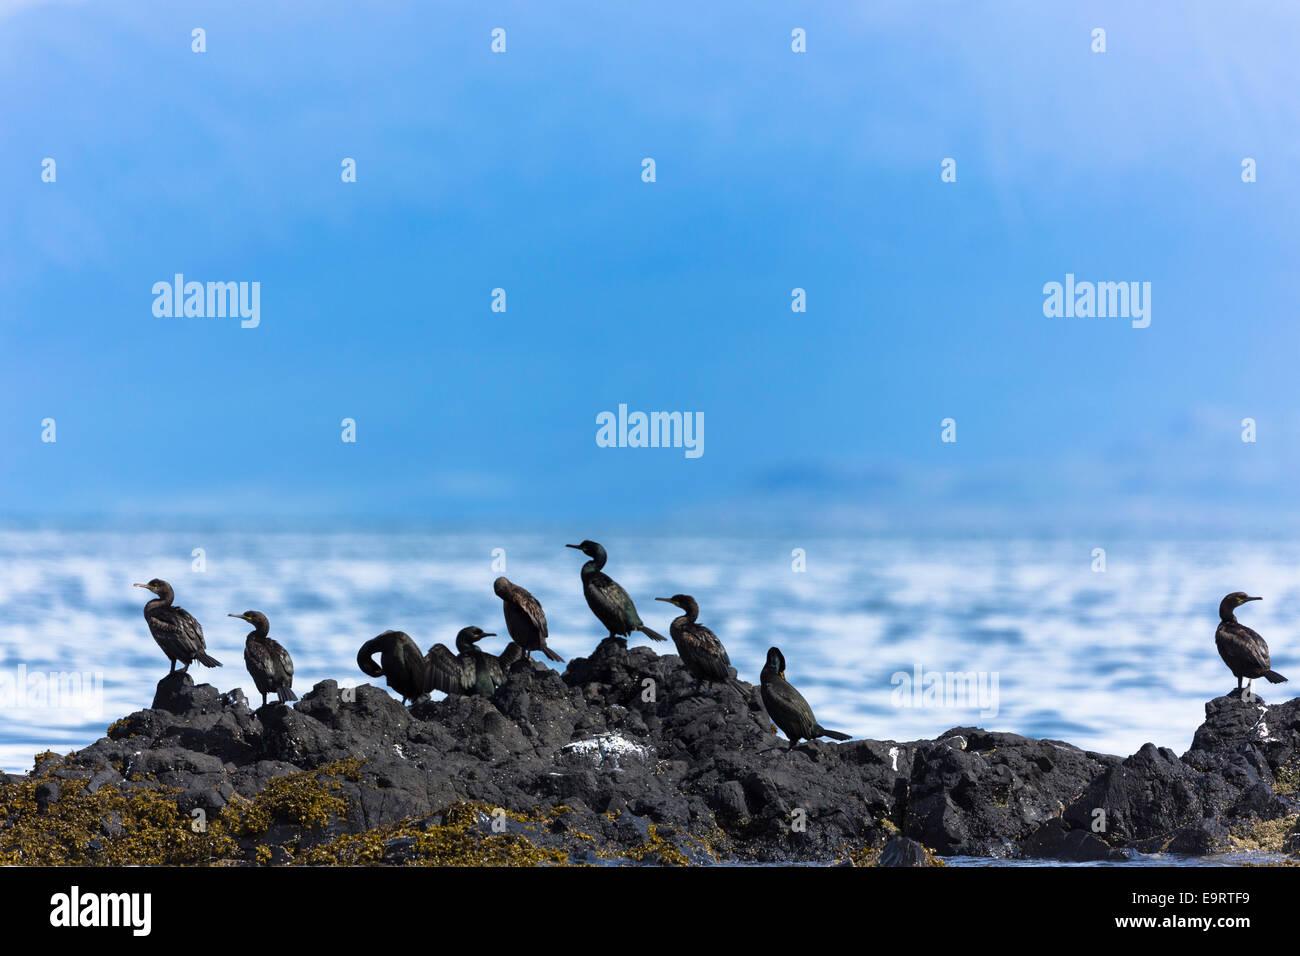 Kolonie der Küstenvögel Kormoran, Phalacrocorax Carbo, auf Felsen auf der Insel von Canna Bestandteil Stockbild